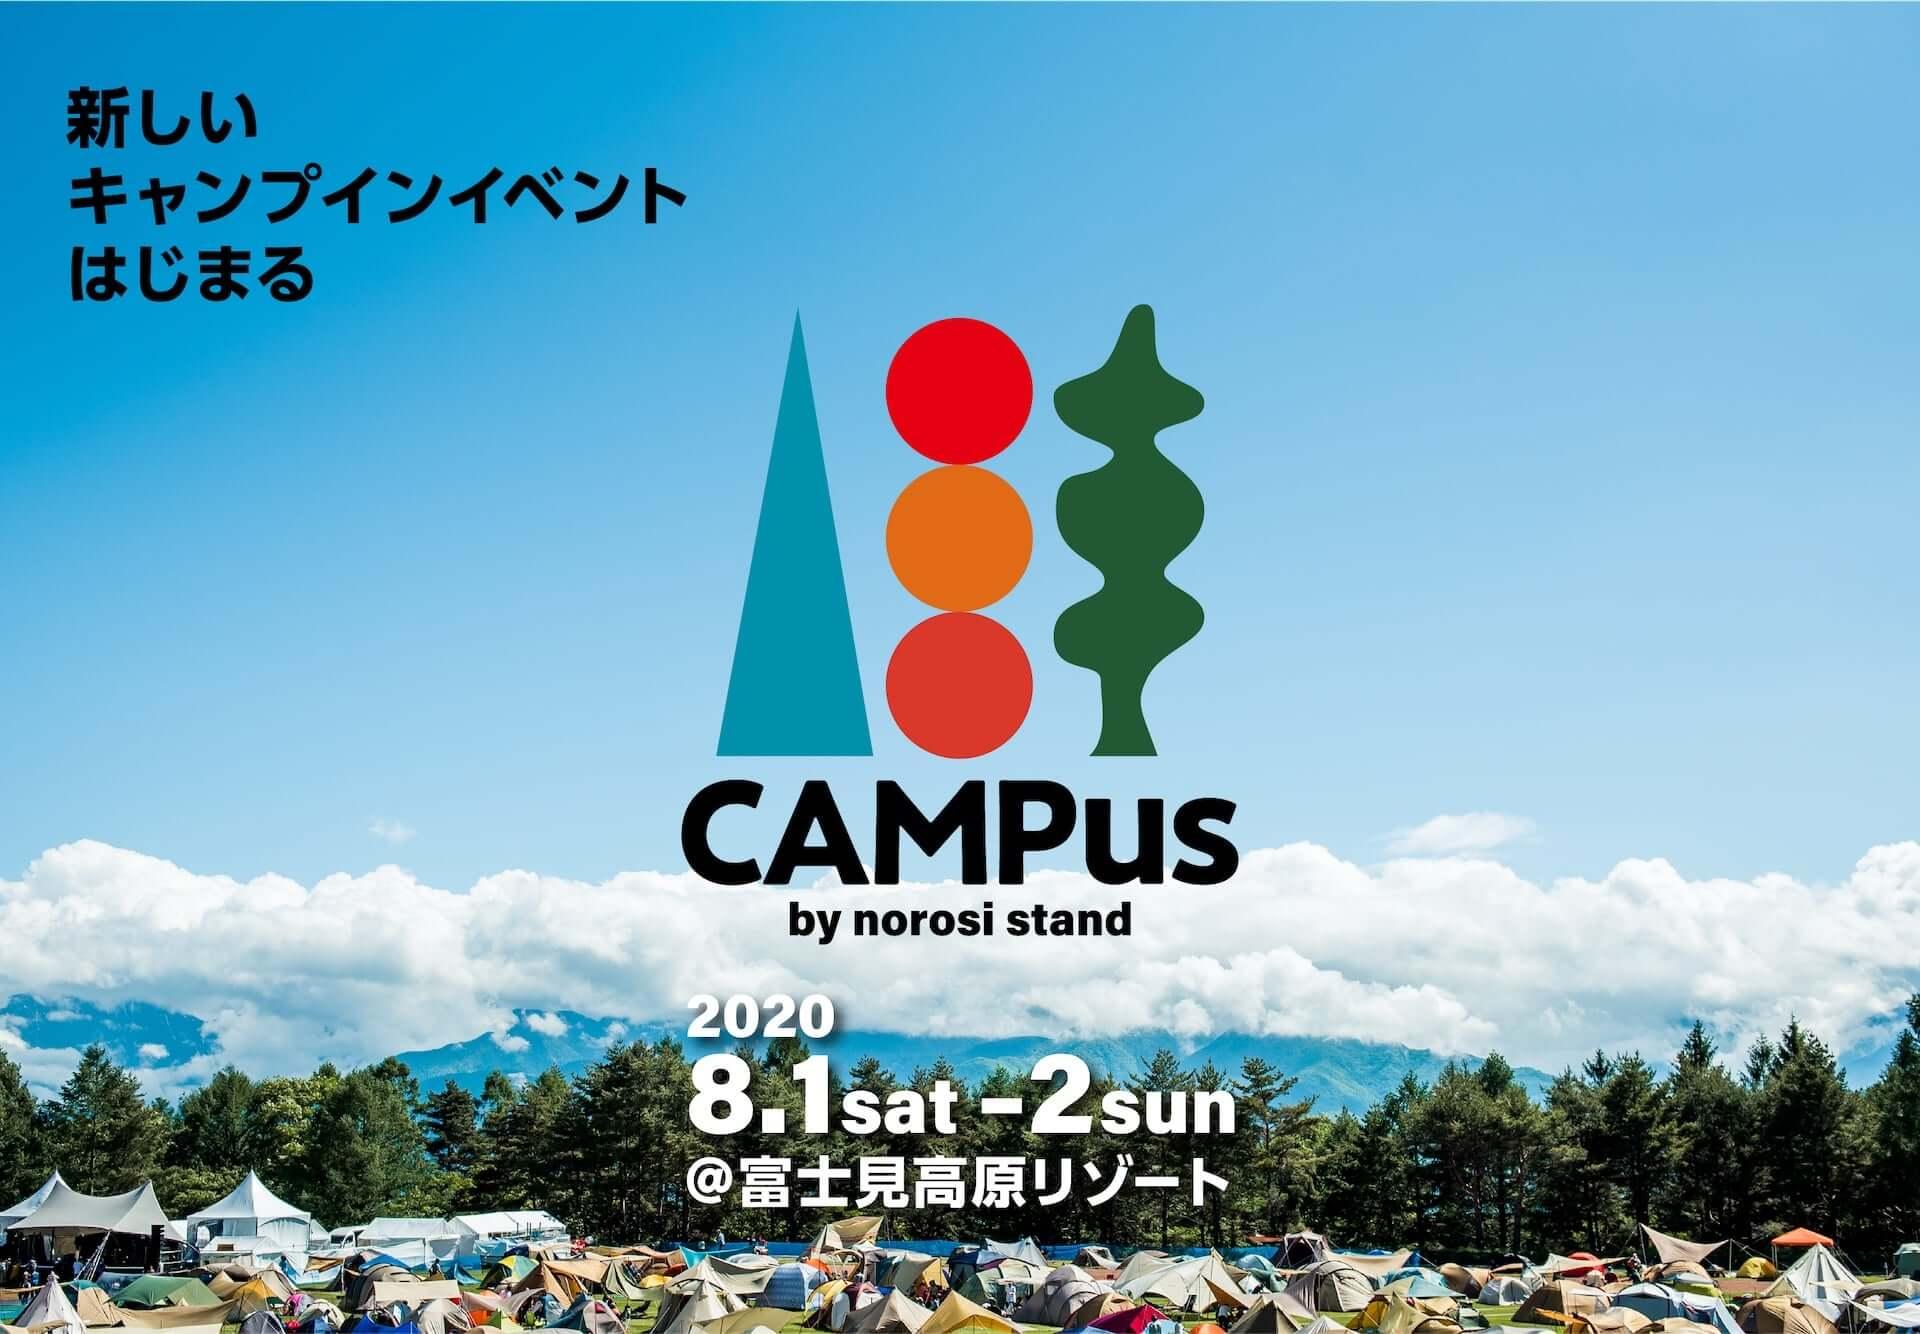 音楽×映画×キャンプを堪能できる新たなフェス<CAMPus>が入場組数限定で開催決定!「8月、富士見高原でお会いしましょう」 art200623_campus-norosi_2-1920x1334